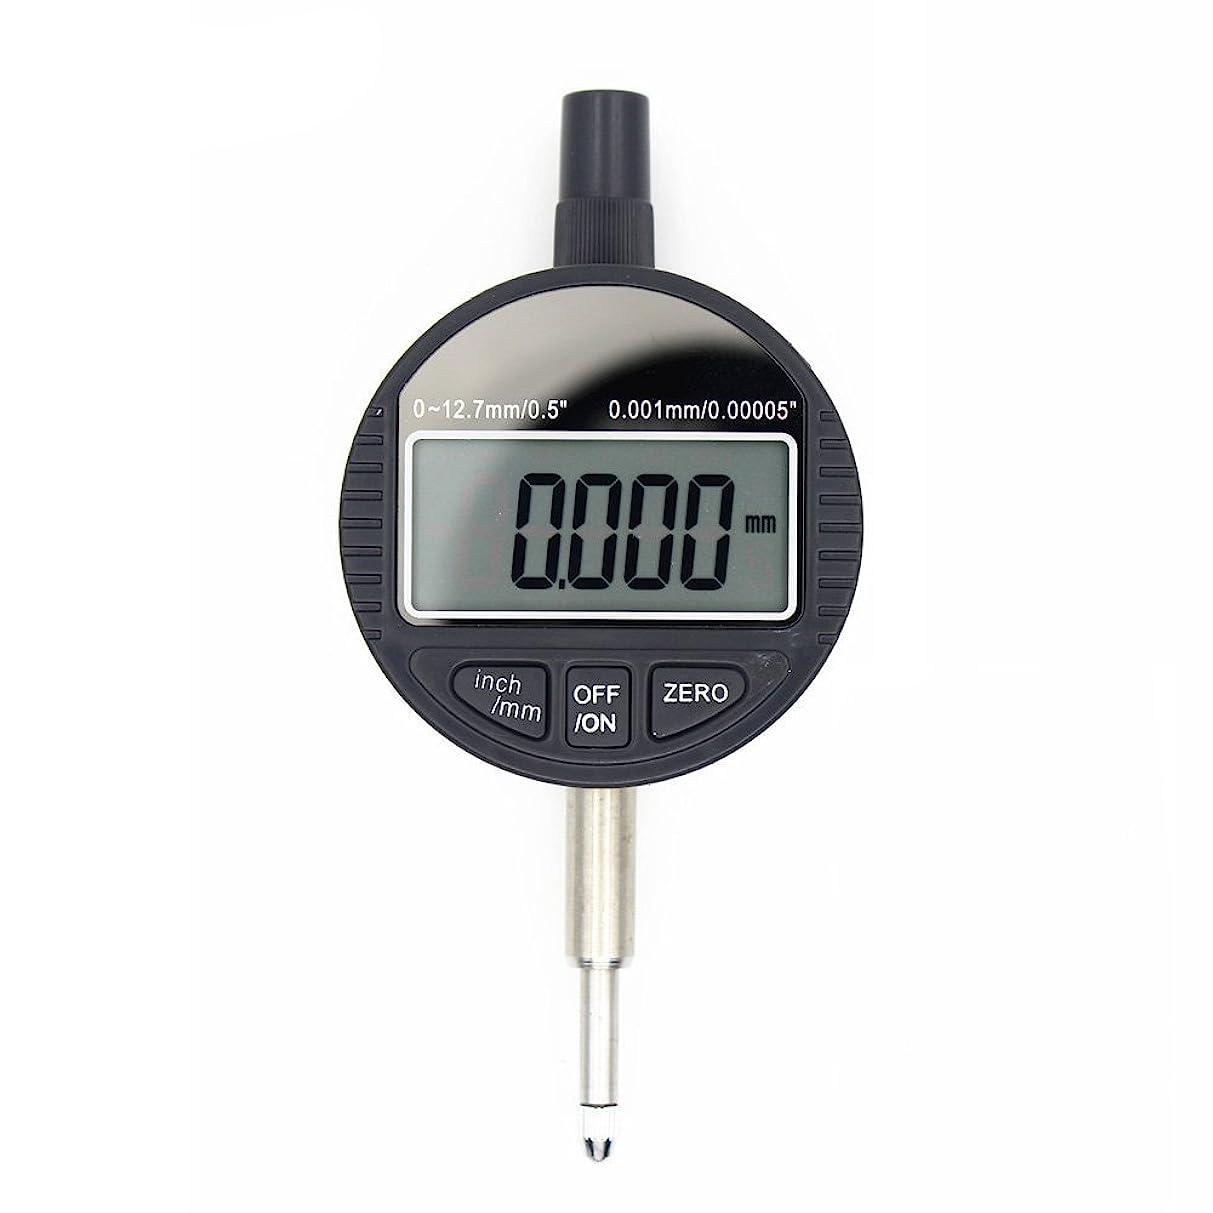 合唱団中央値期待する(STRAIGHT/ストレート) マイクロメーター 75~100(mm) 16-1143